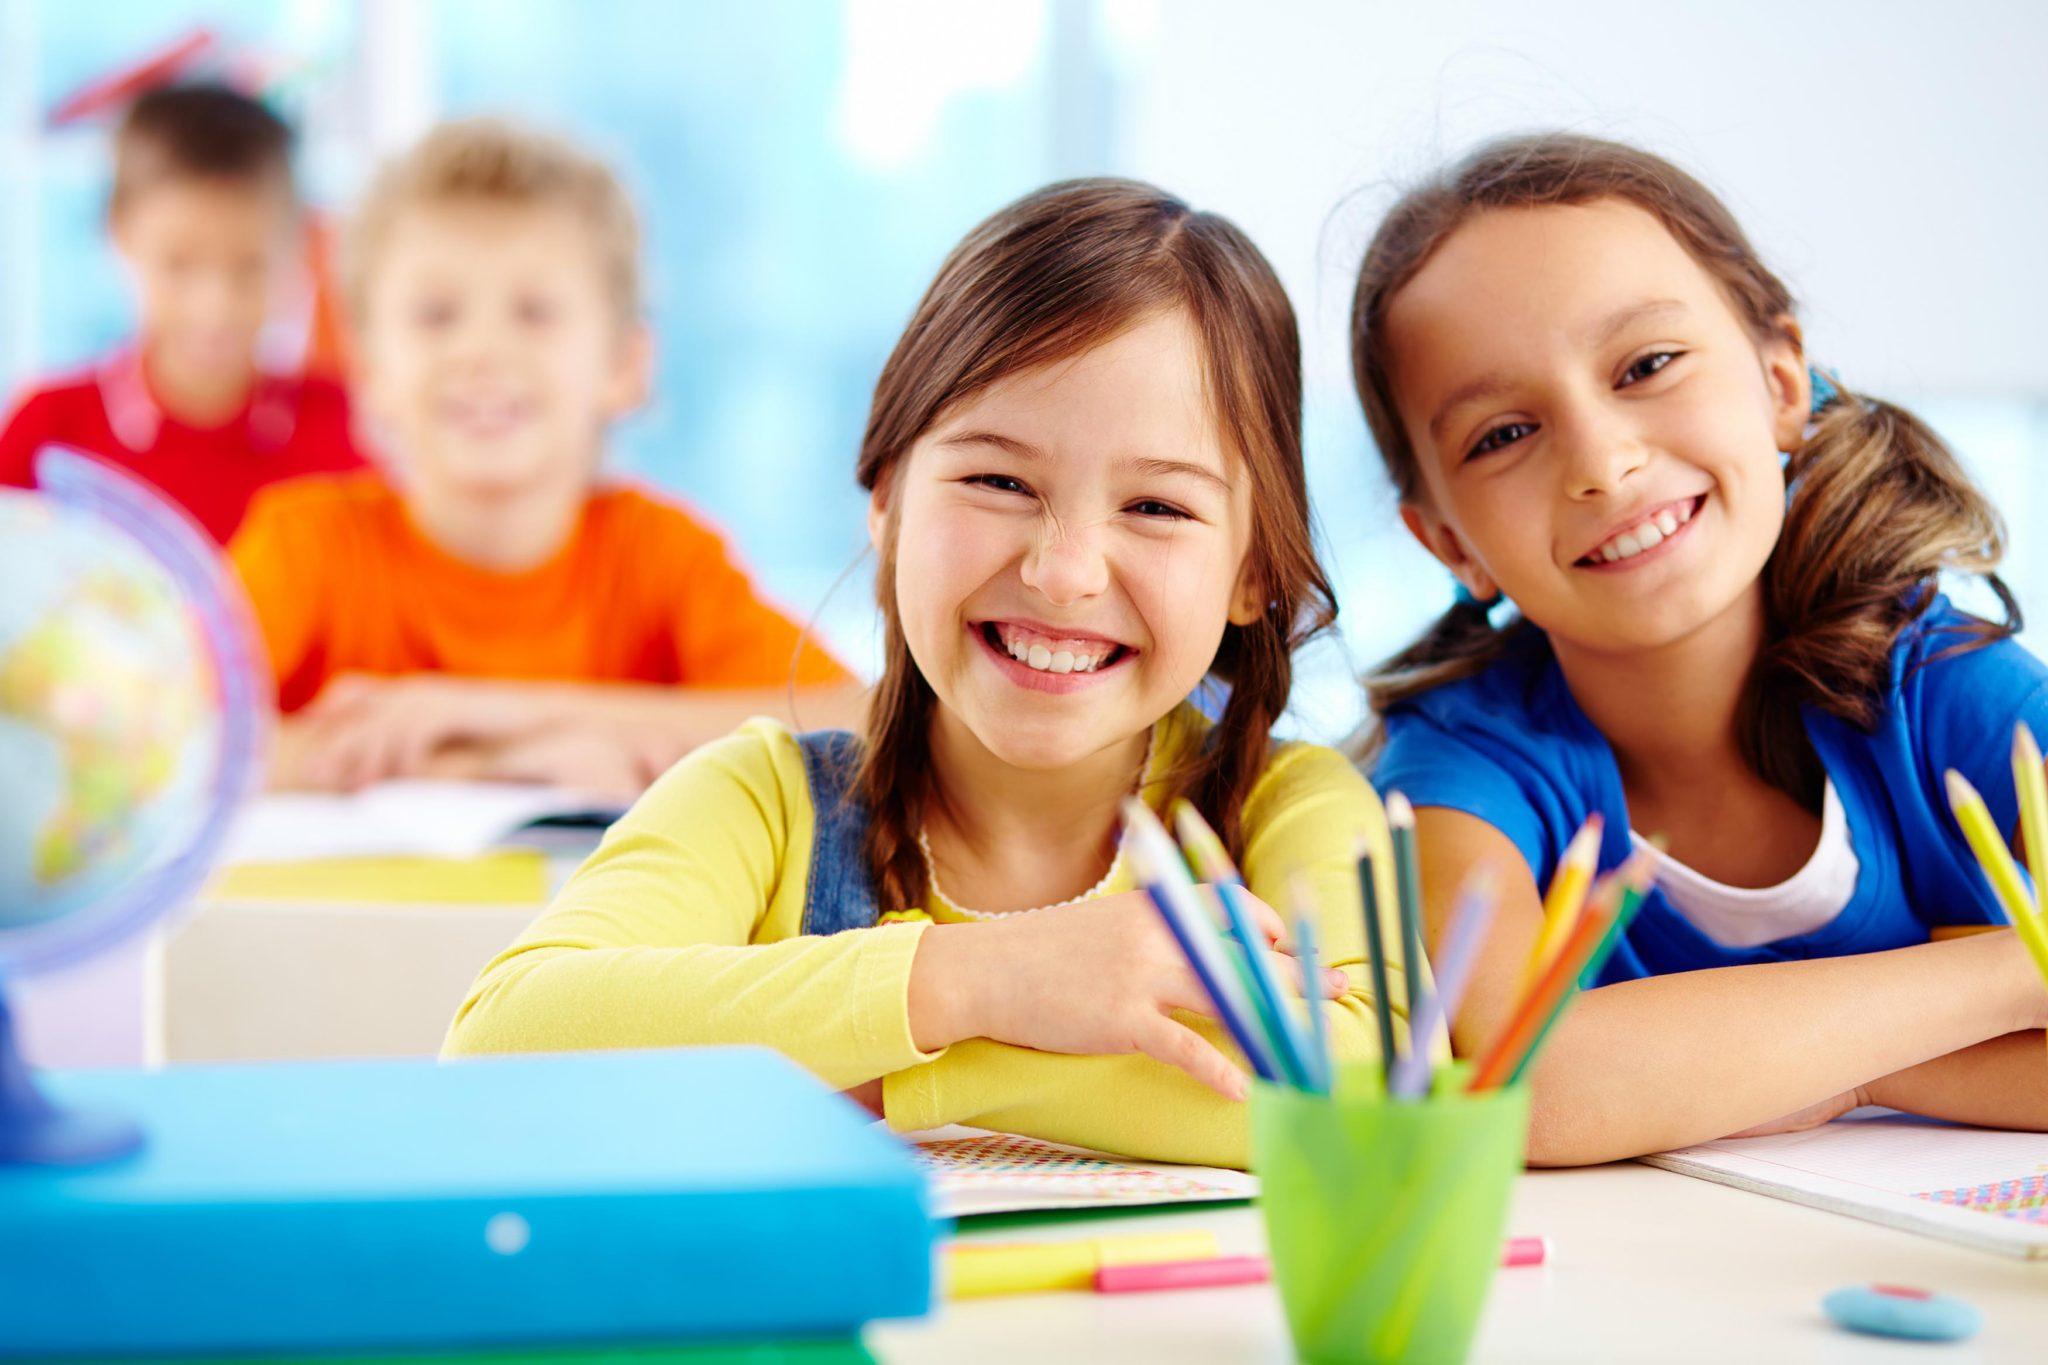 Angļu valodas kursi bērniem un jauniešiem Rīgā